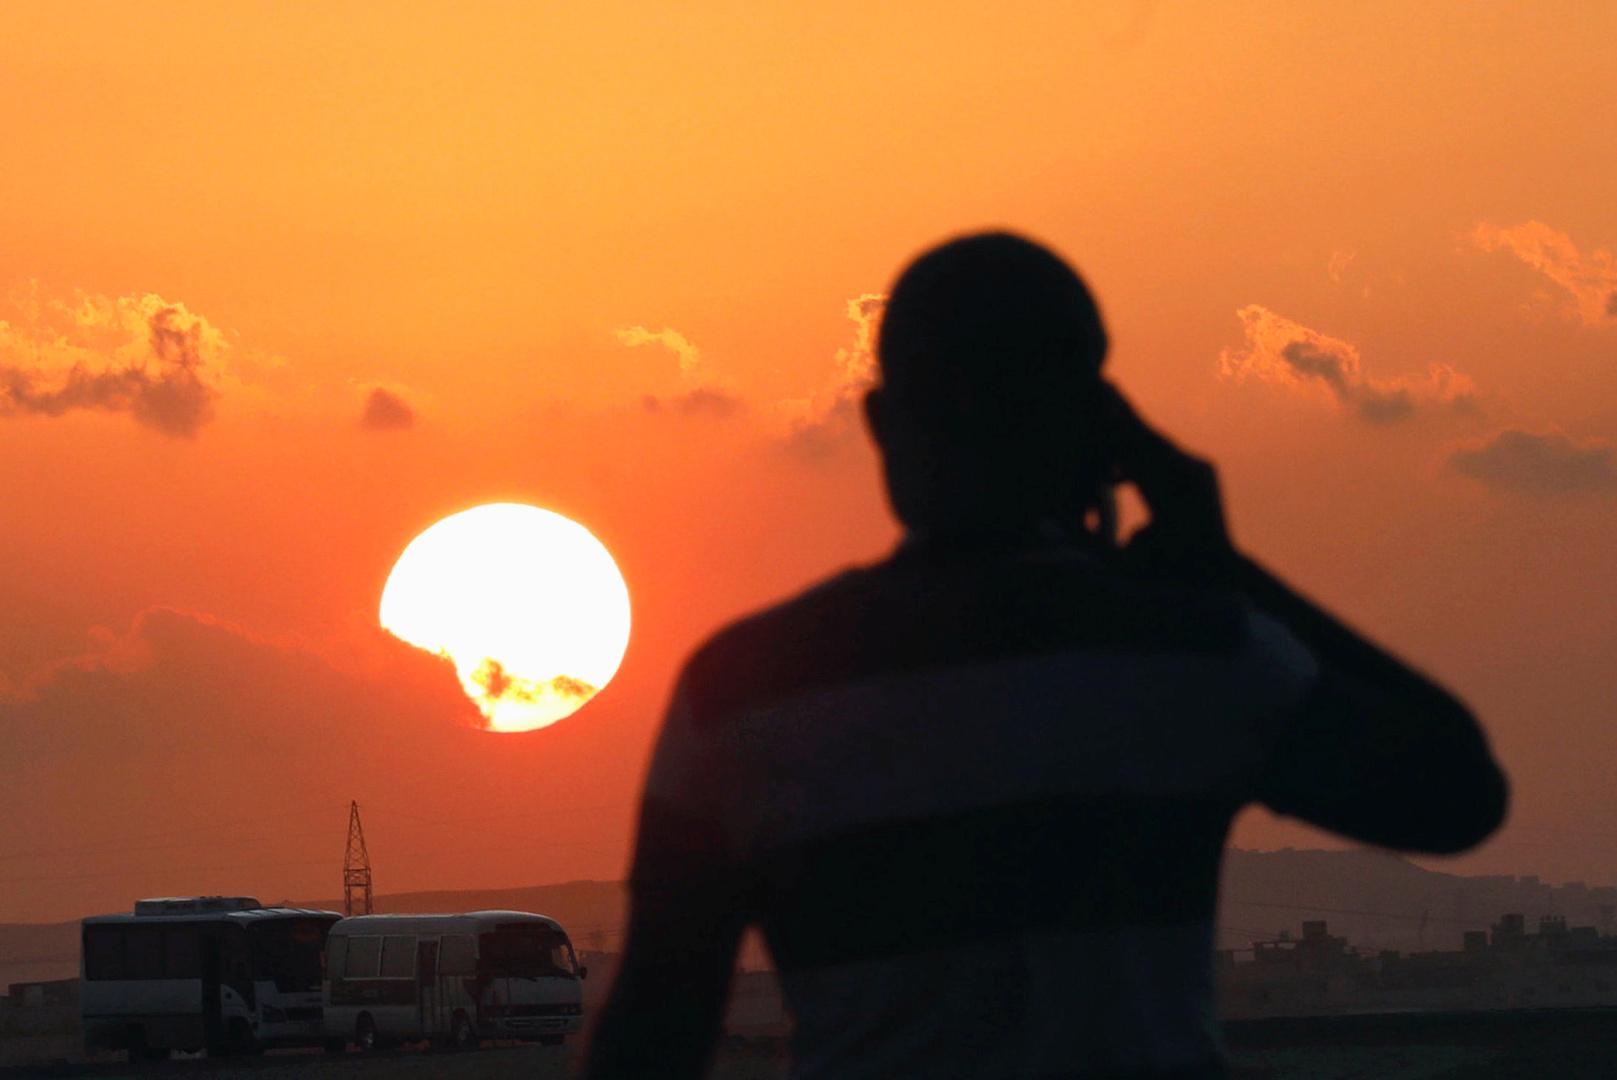 دراسة حكومية مصرية تتوقع خسارة كبيرة لقطاع السياحة بسبب كورونا قد تصل إلى 100%